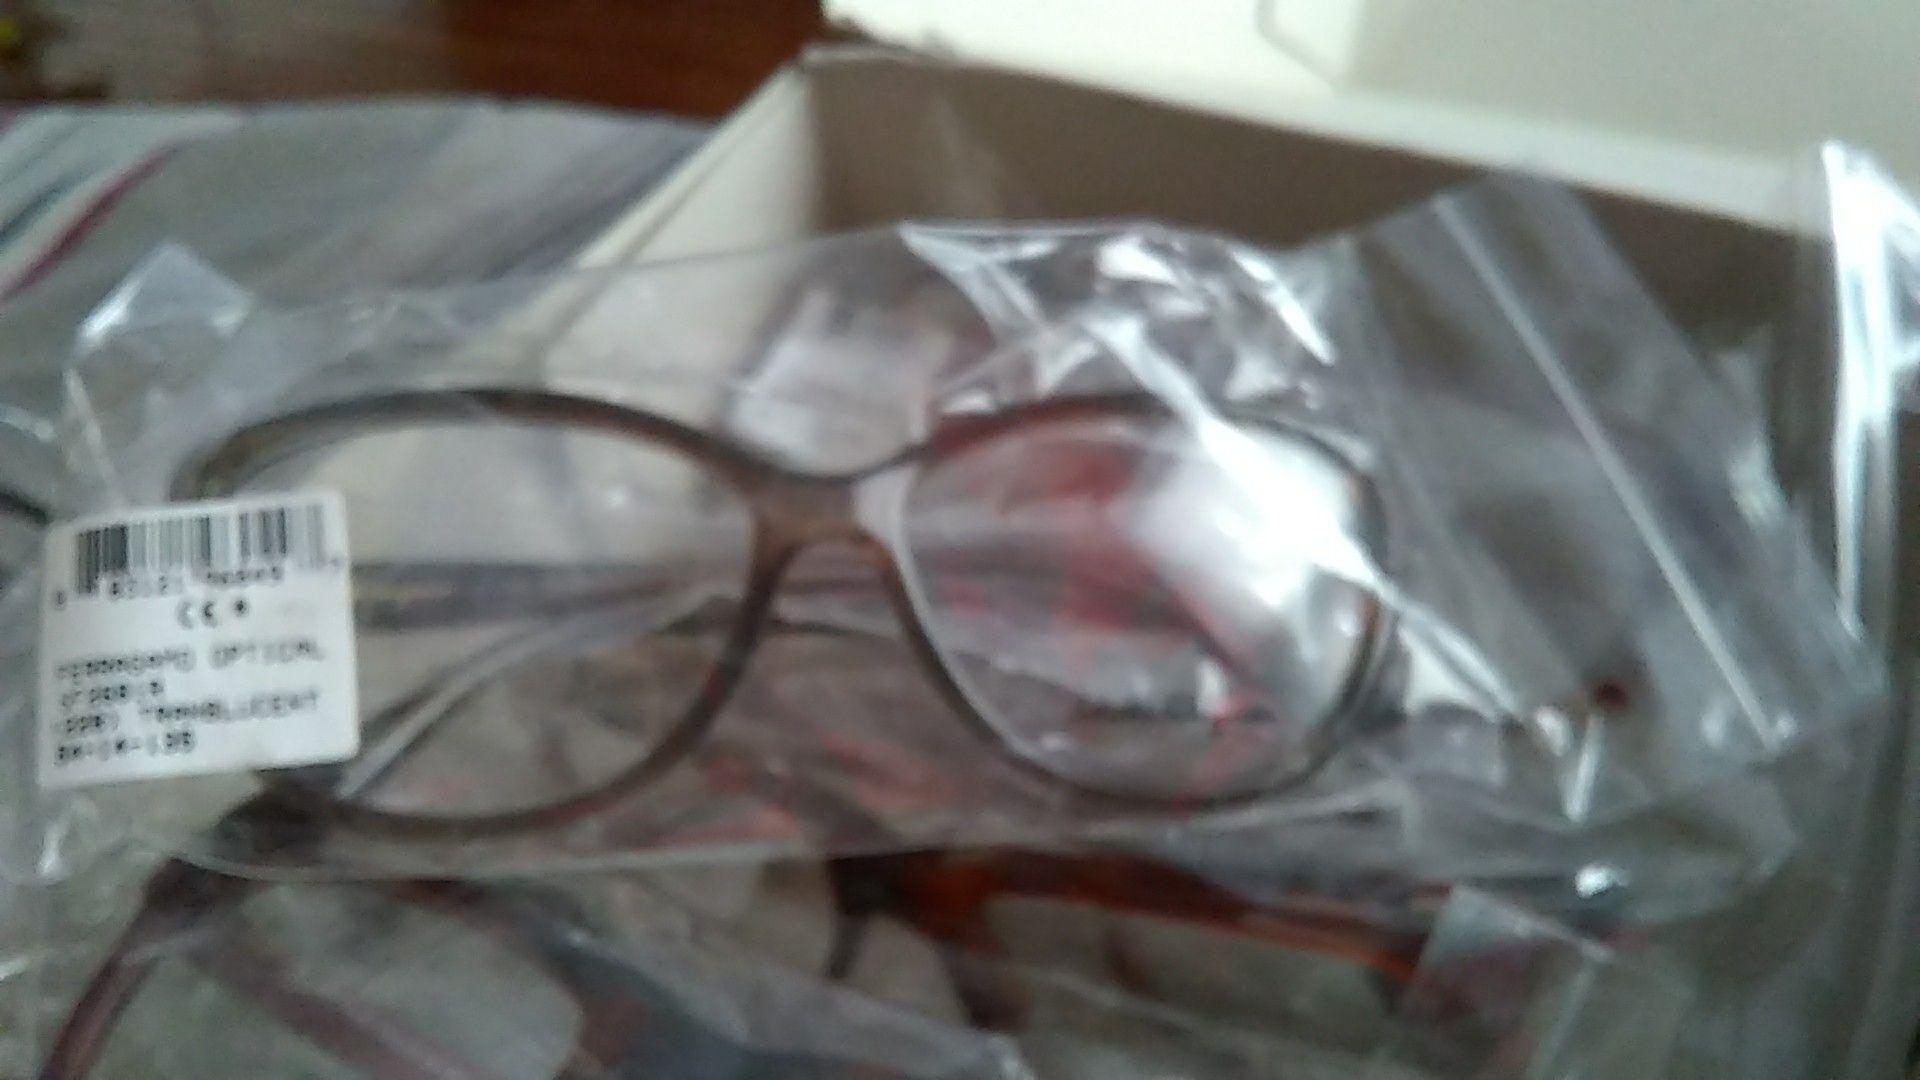 Ferragamo glasses prescribed